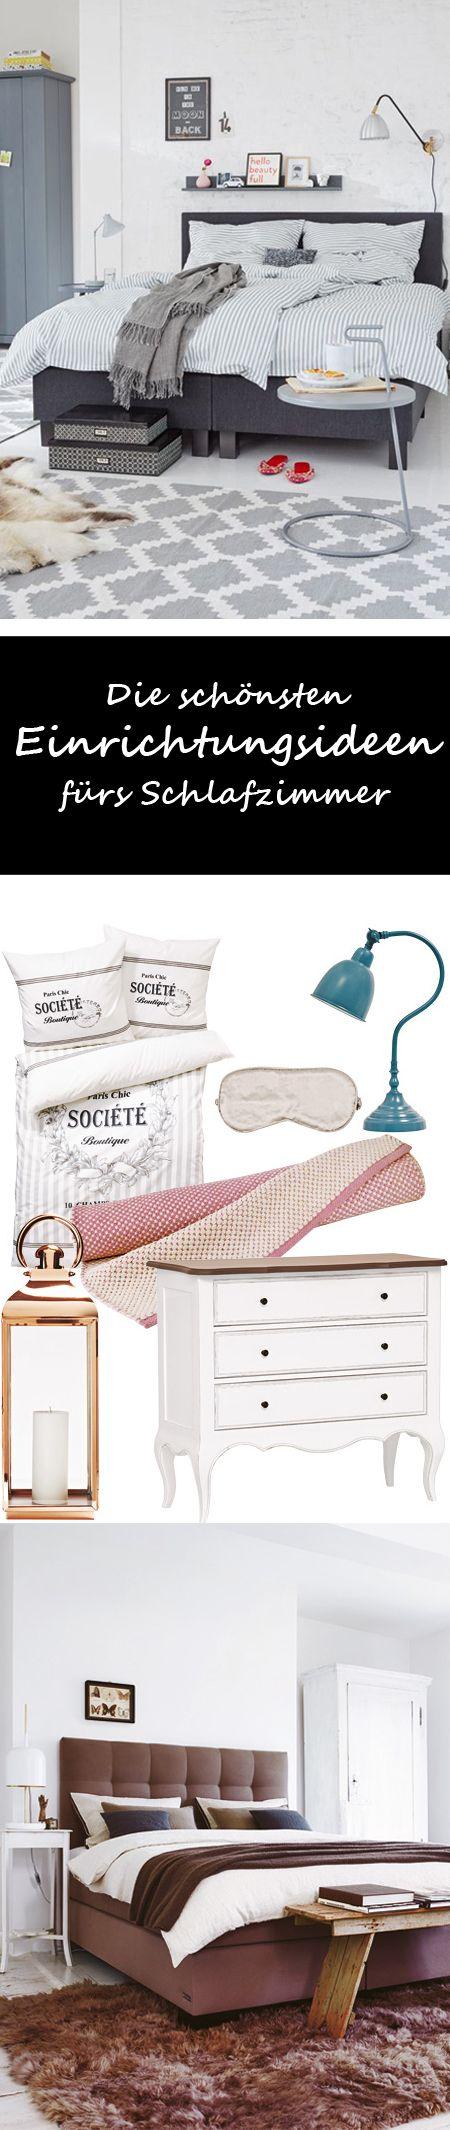 Romantisch, klassisch oder modern? So gelingt dir den perfekte Look im Schlafzimmer >>>